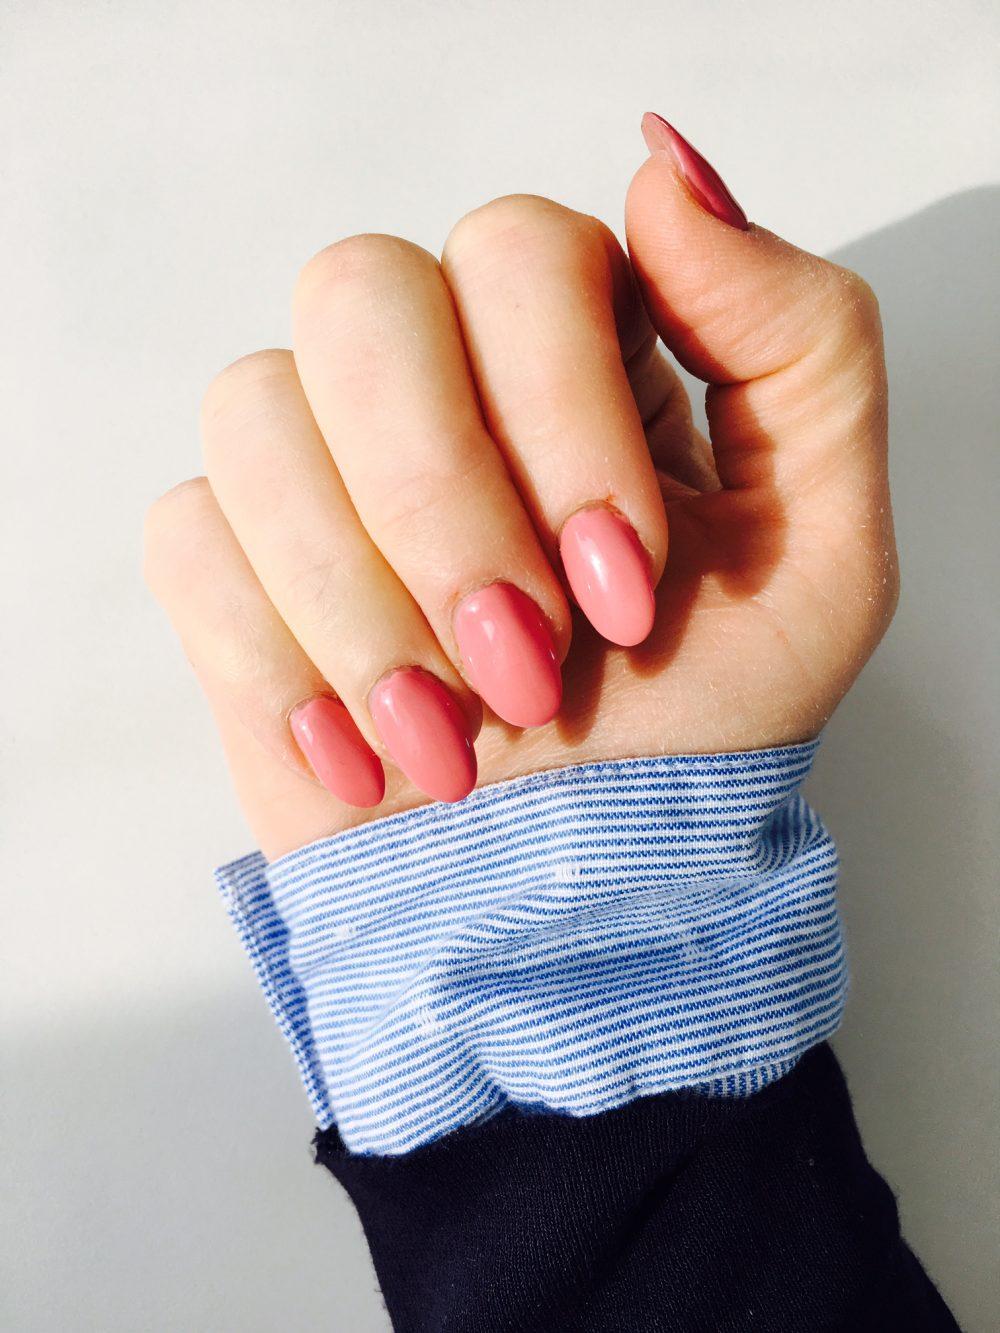 Gelnägel Im Test Und Wie Ich Die Wohl Schönste Nagelform Fand